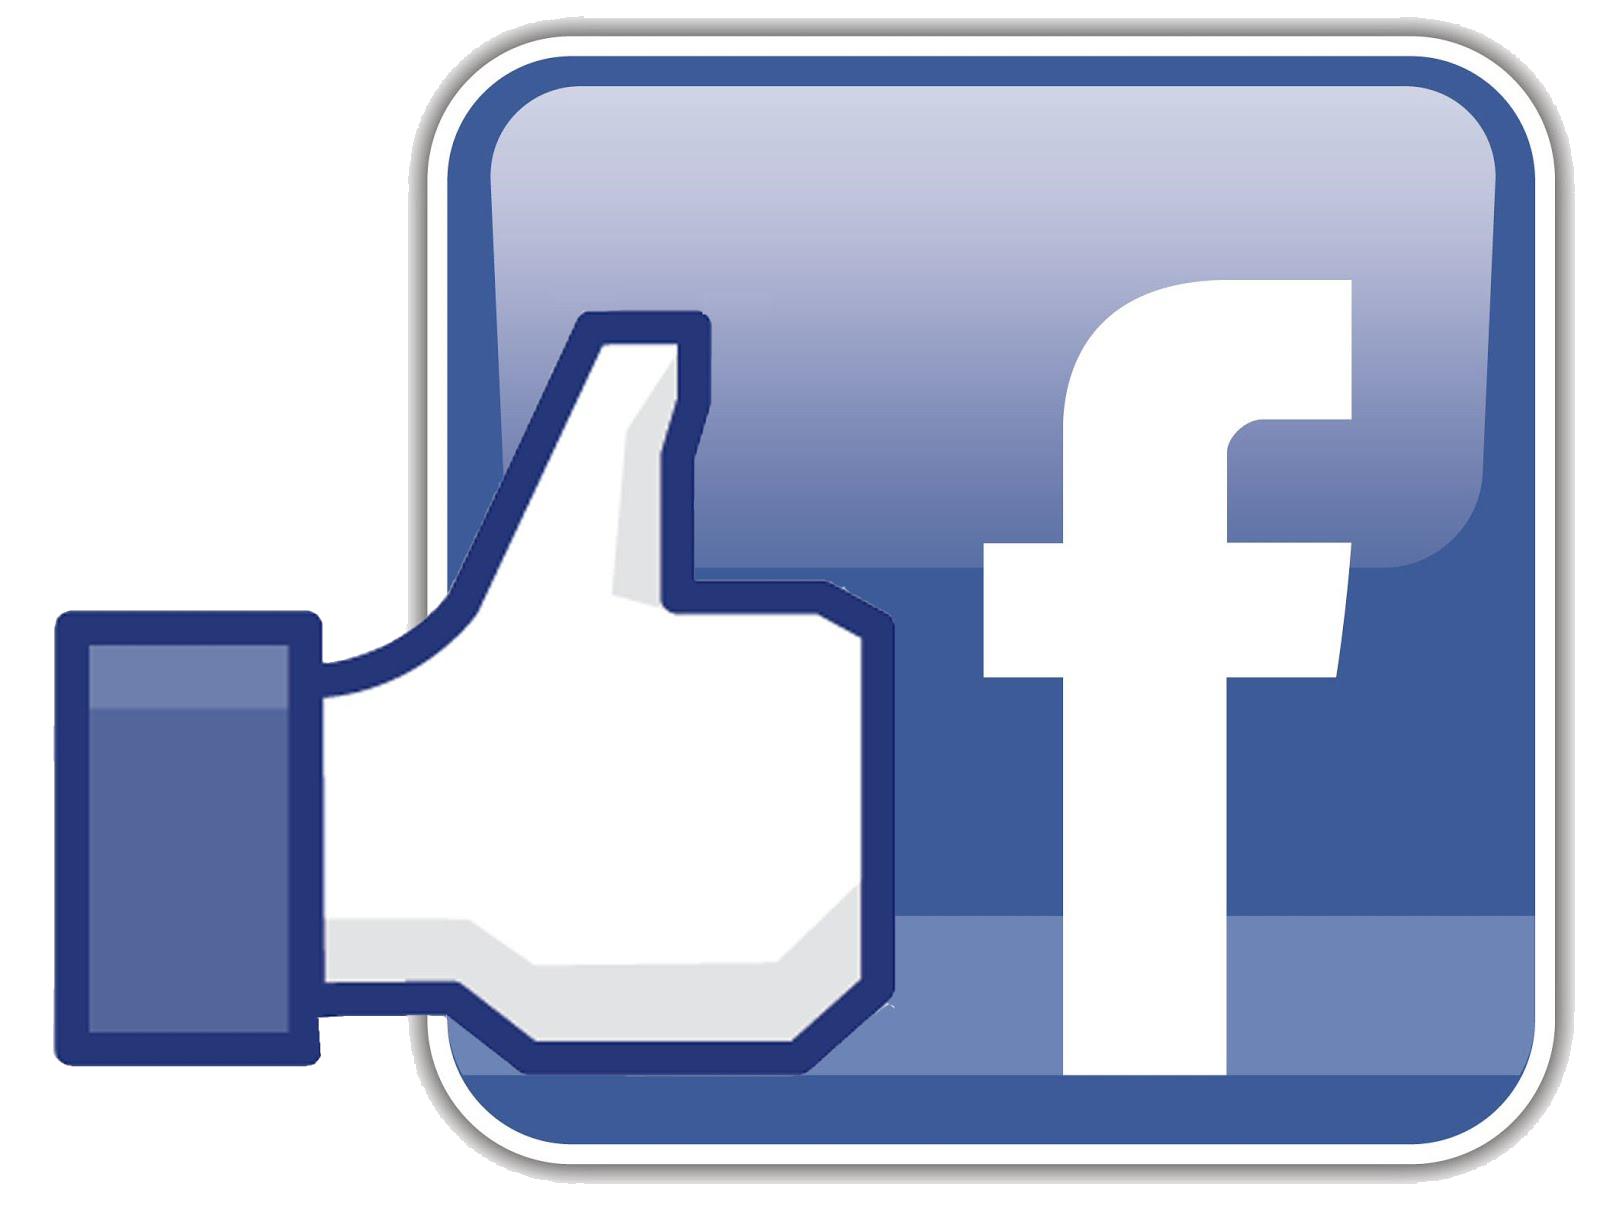 Picto-Facebook-3